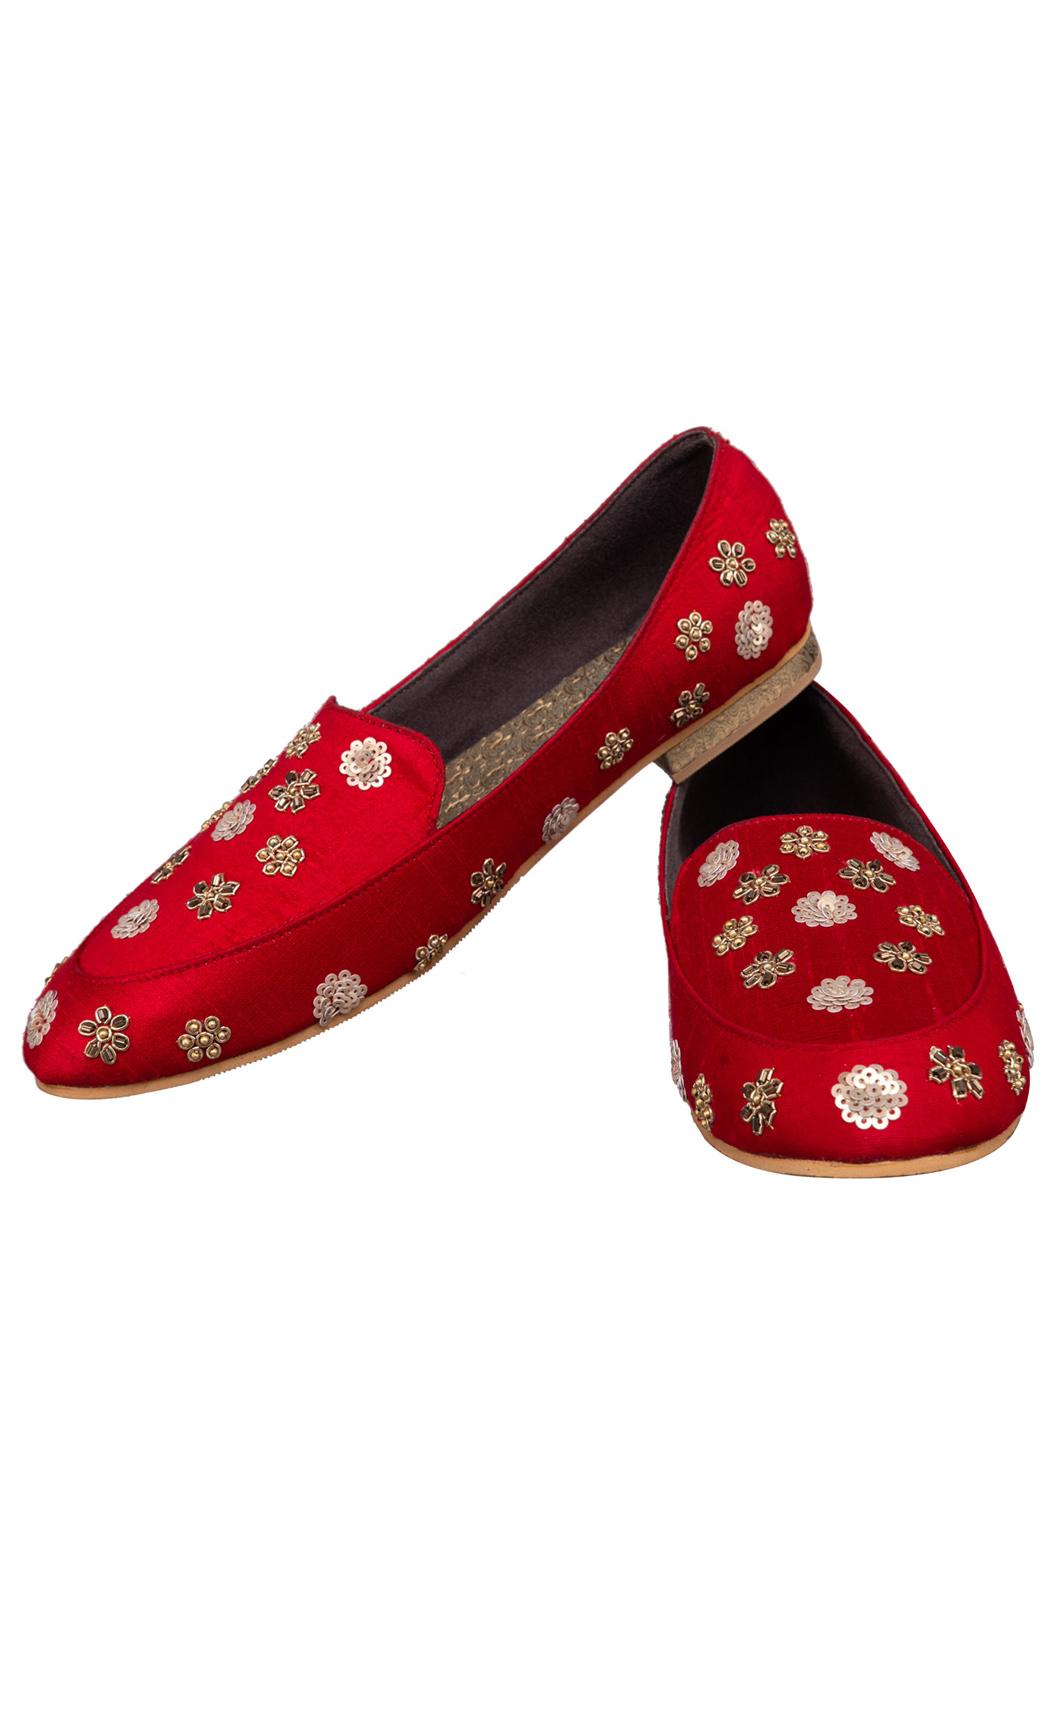 Maroon Noor Loafers - Buy Online